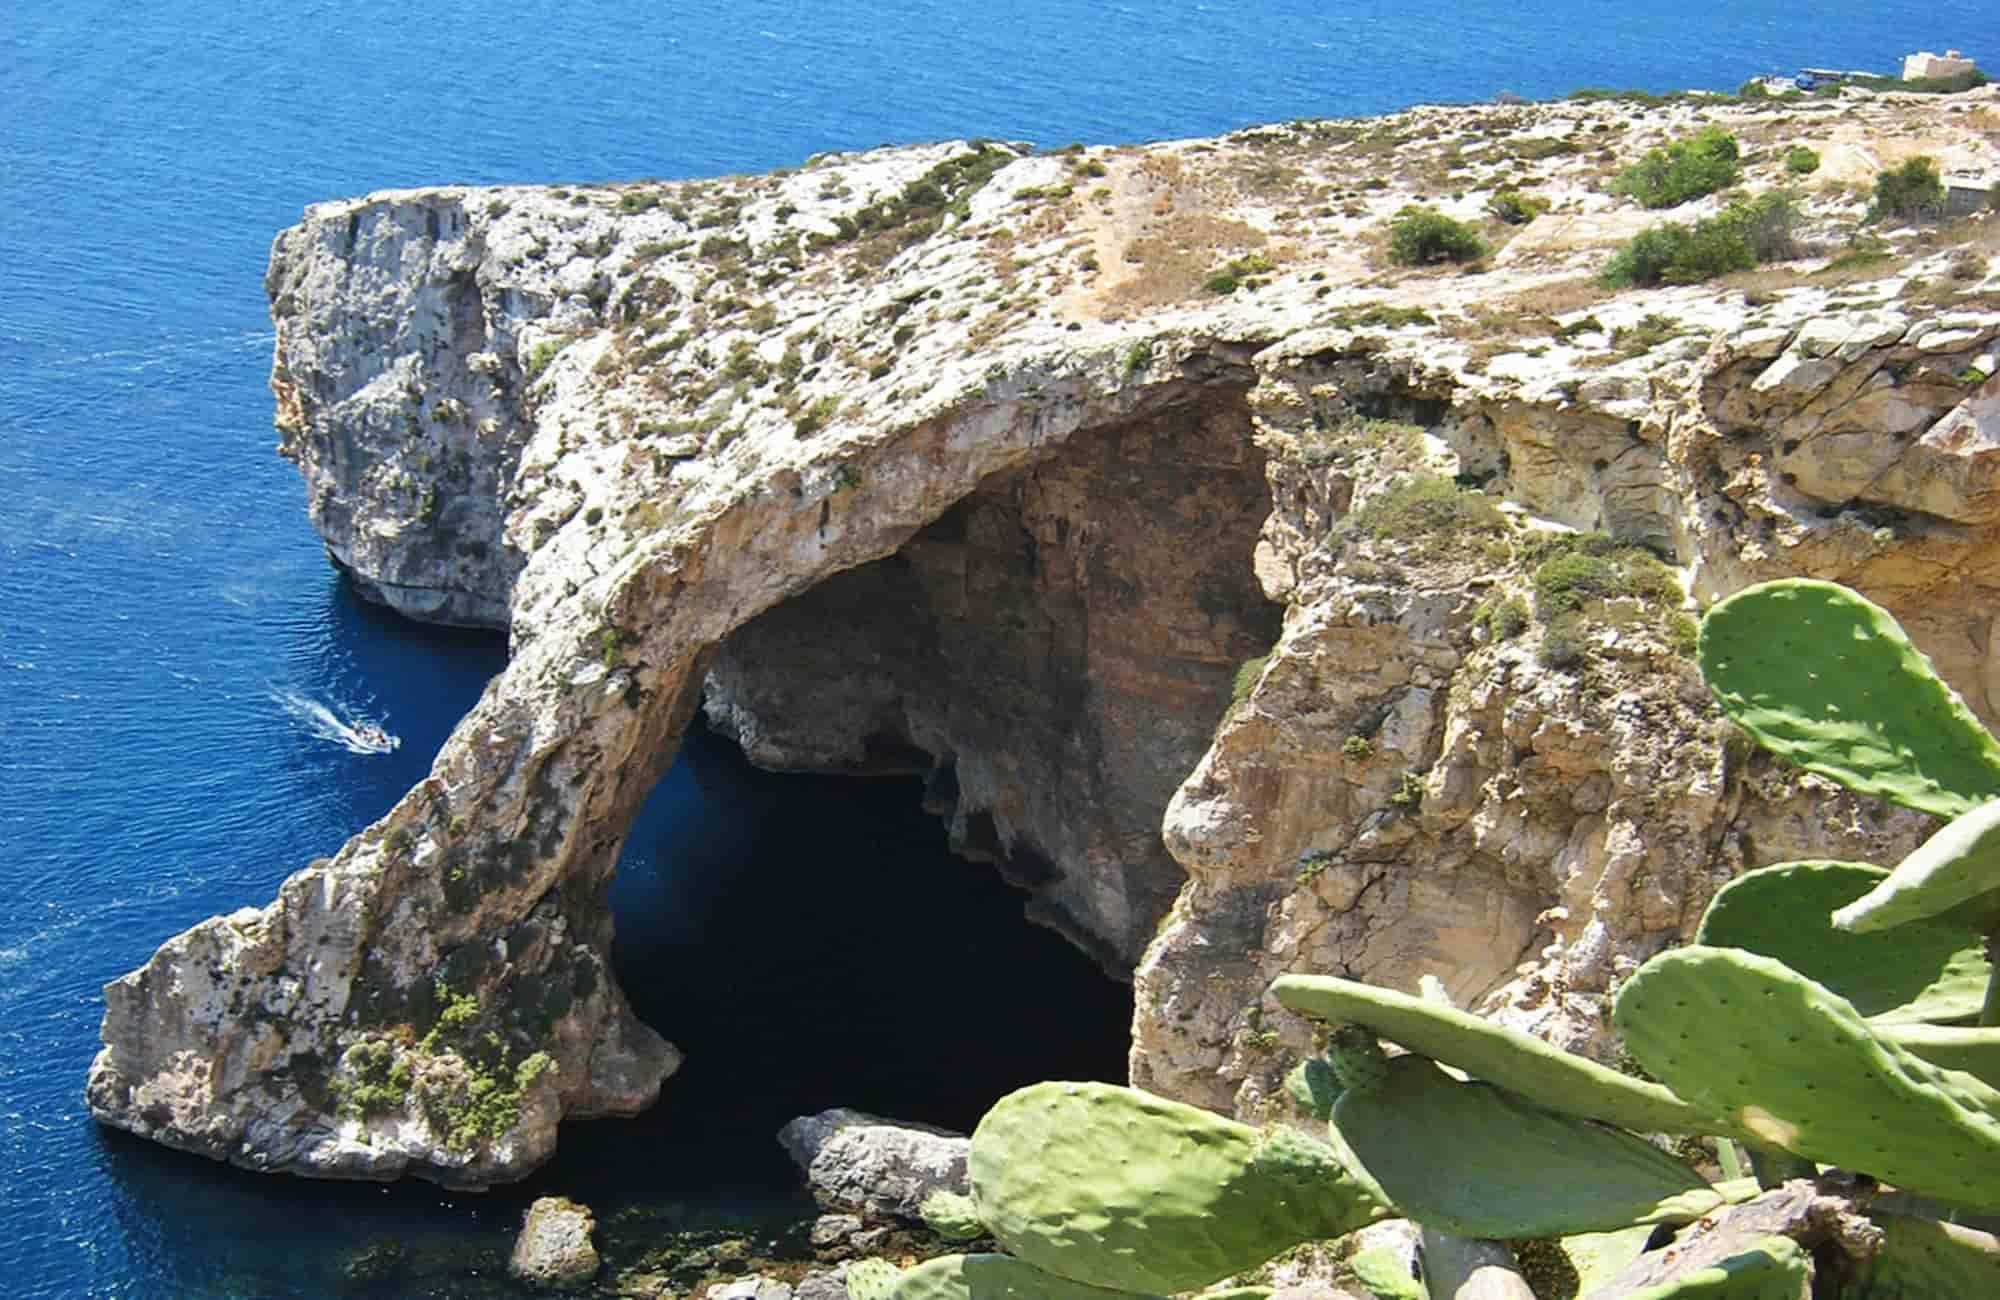 Voyage Malte - Blue grotto - Amplitudes